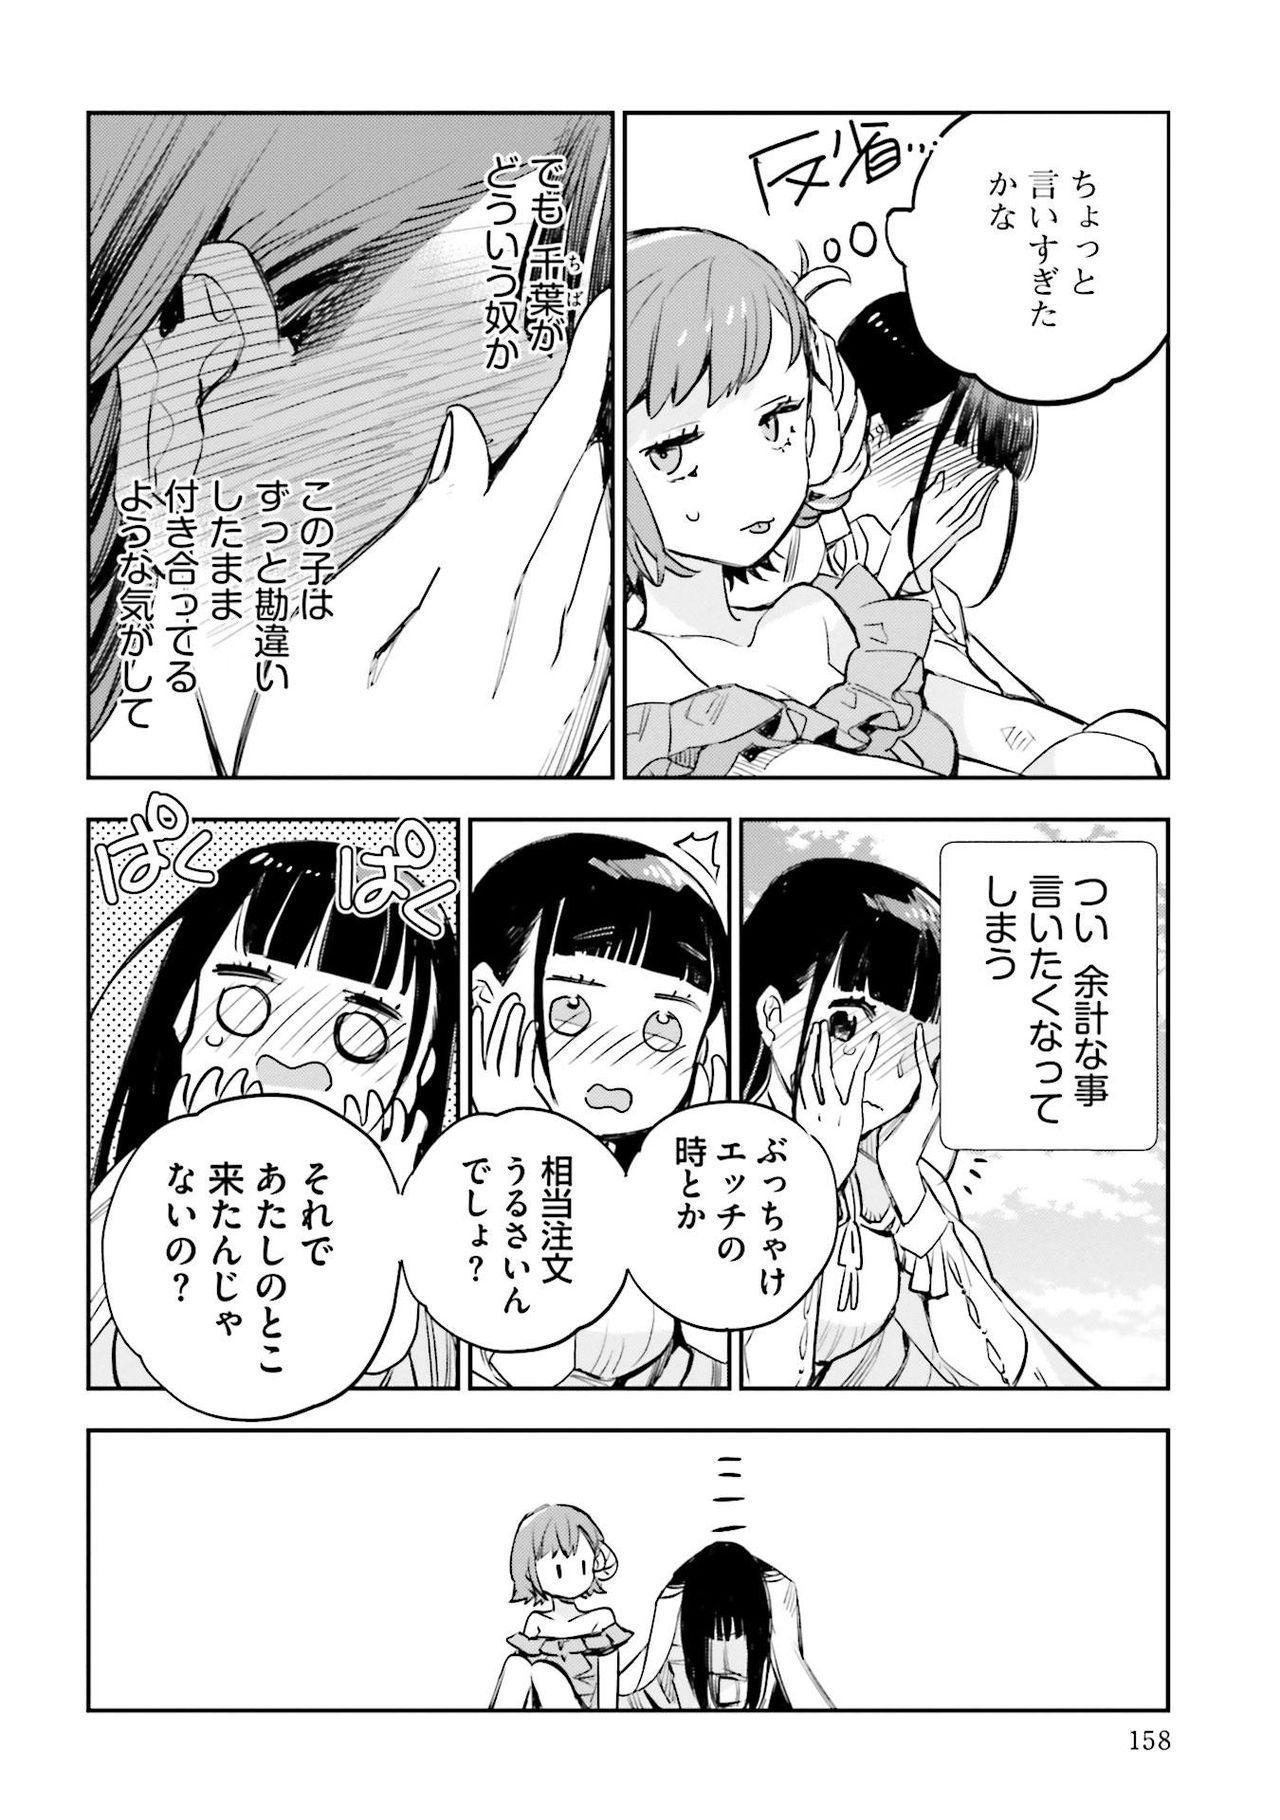 JK Haru wa Isekai de Shoufu ni Natta 1-14 517